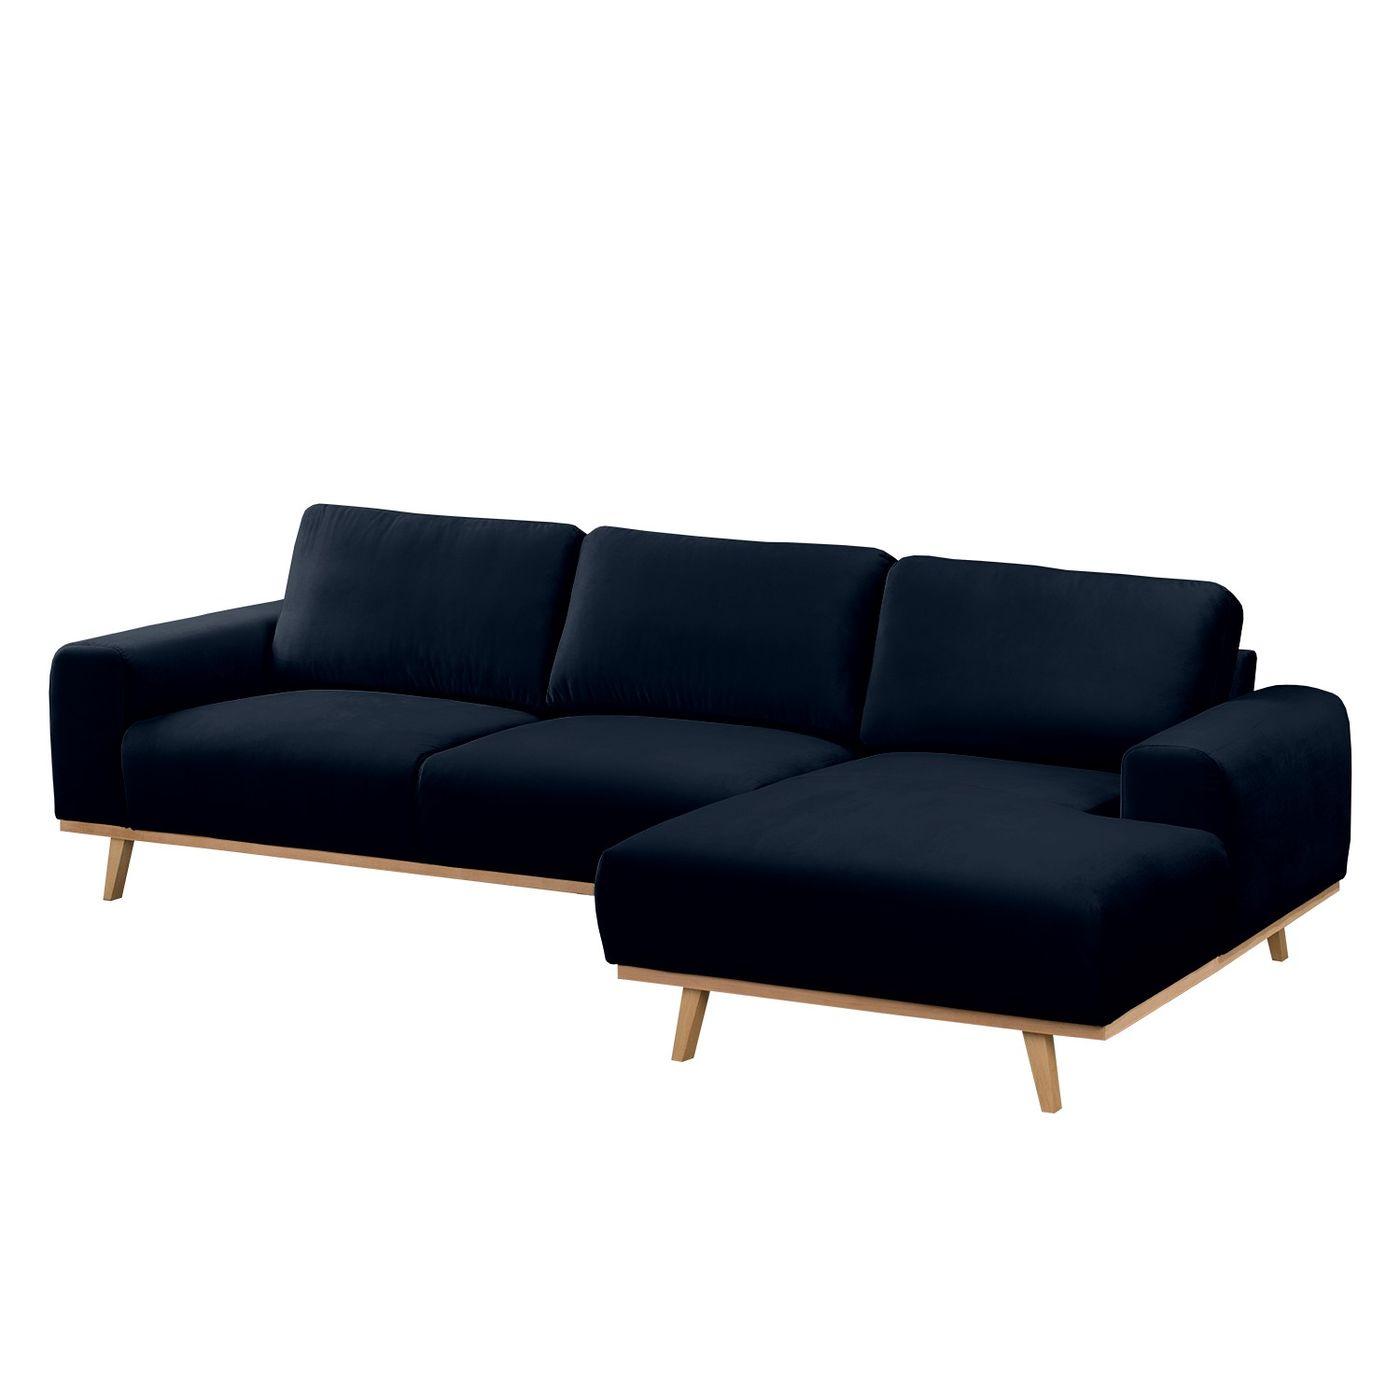 wohnzimmer in grau eckcouch ideen, ideen und inspirationen für dein sofa, Design ideen